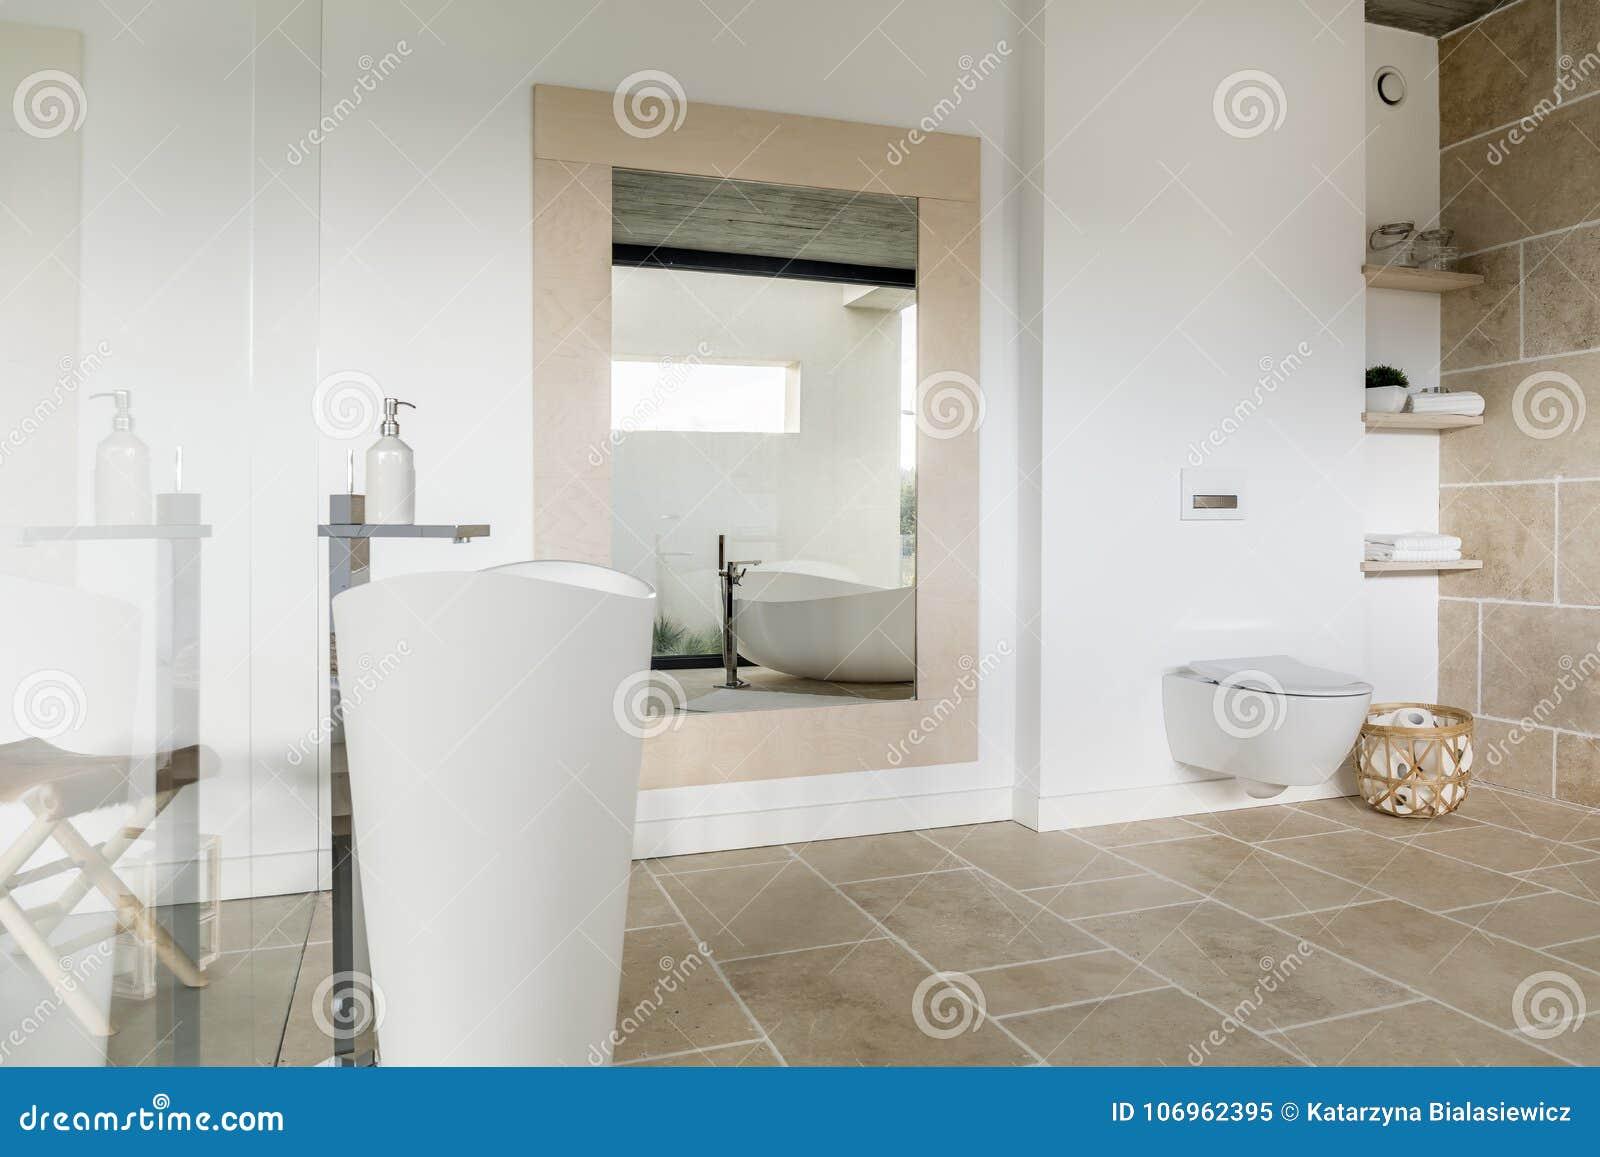 Grande Specchio In Bagno Moderno Immagine Stock - Immagine ...